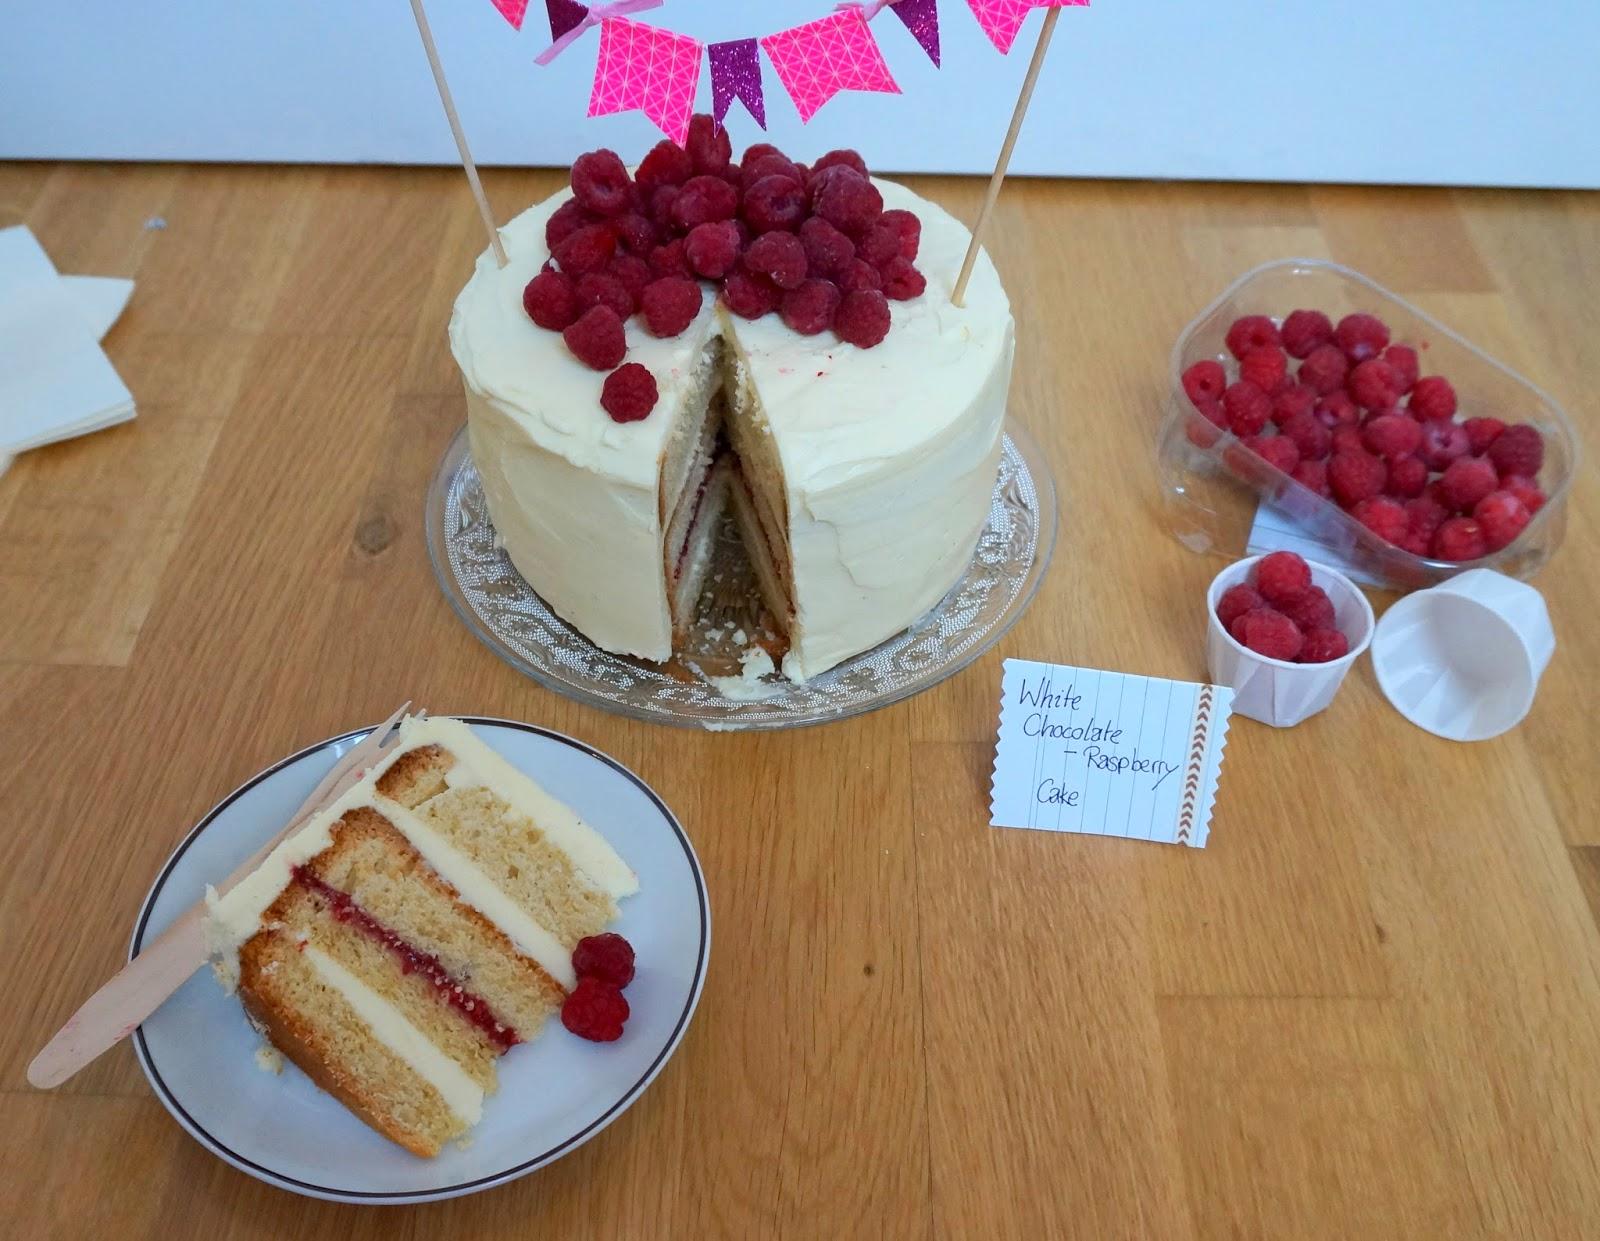 Cake with white Chocolate and raspberries, Himbeertorte mit weißer Schokolade